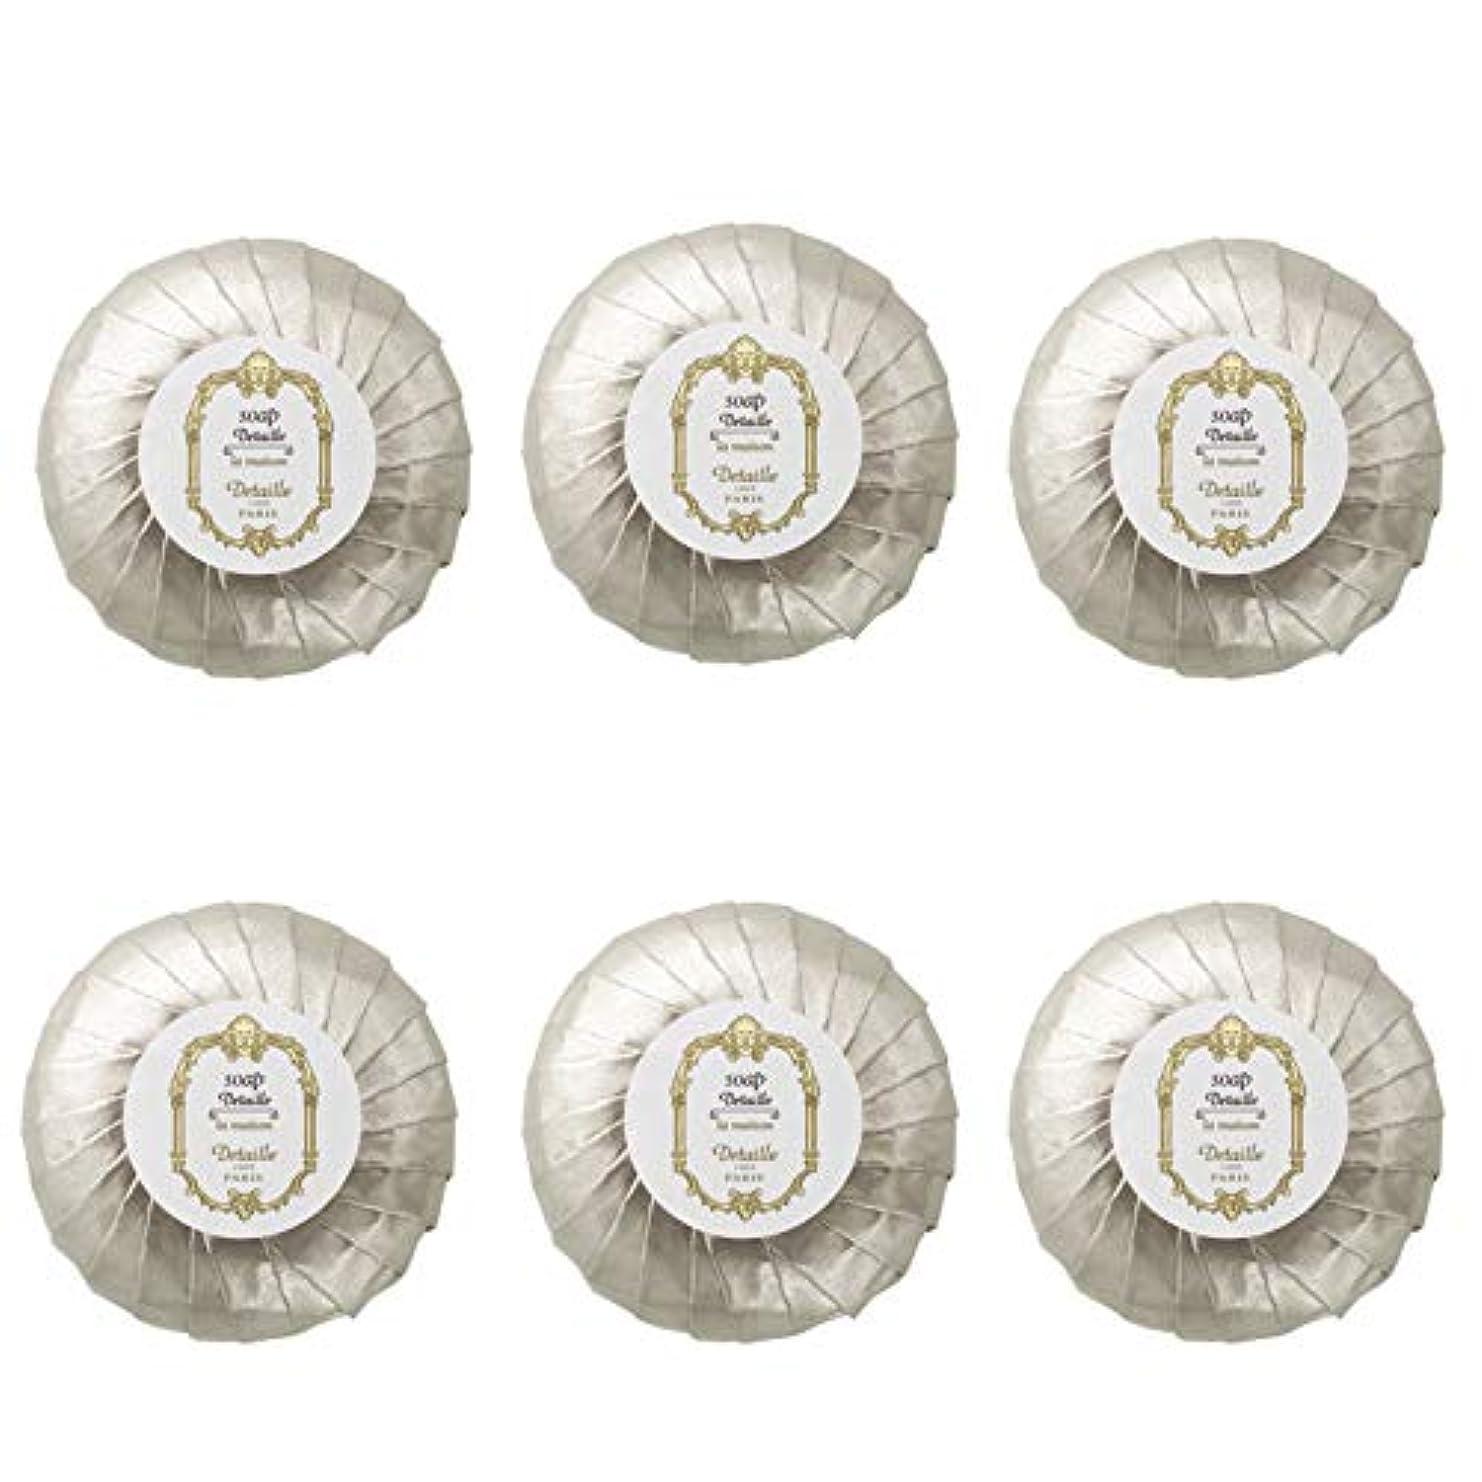 生産的カメラ値するPOLA デタイユ ラ メゾン スキンソープ 固形石鹸 (プリーツ包装) 50g×6個